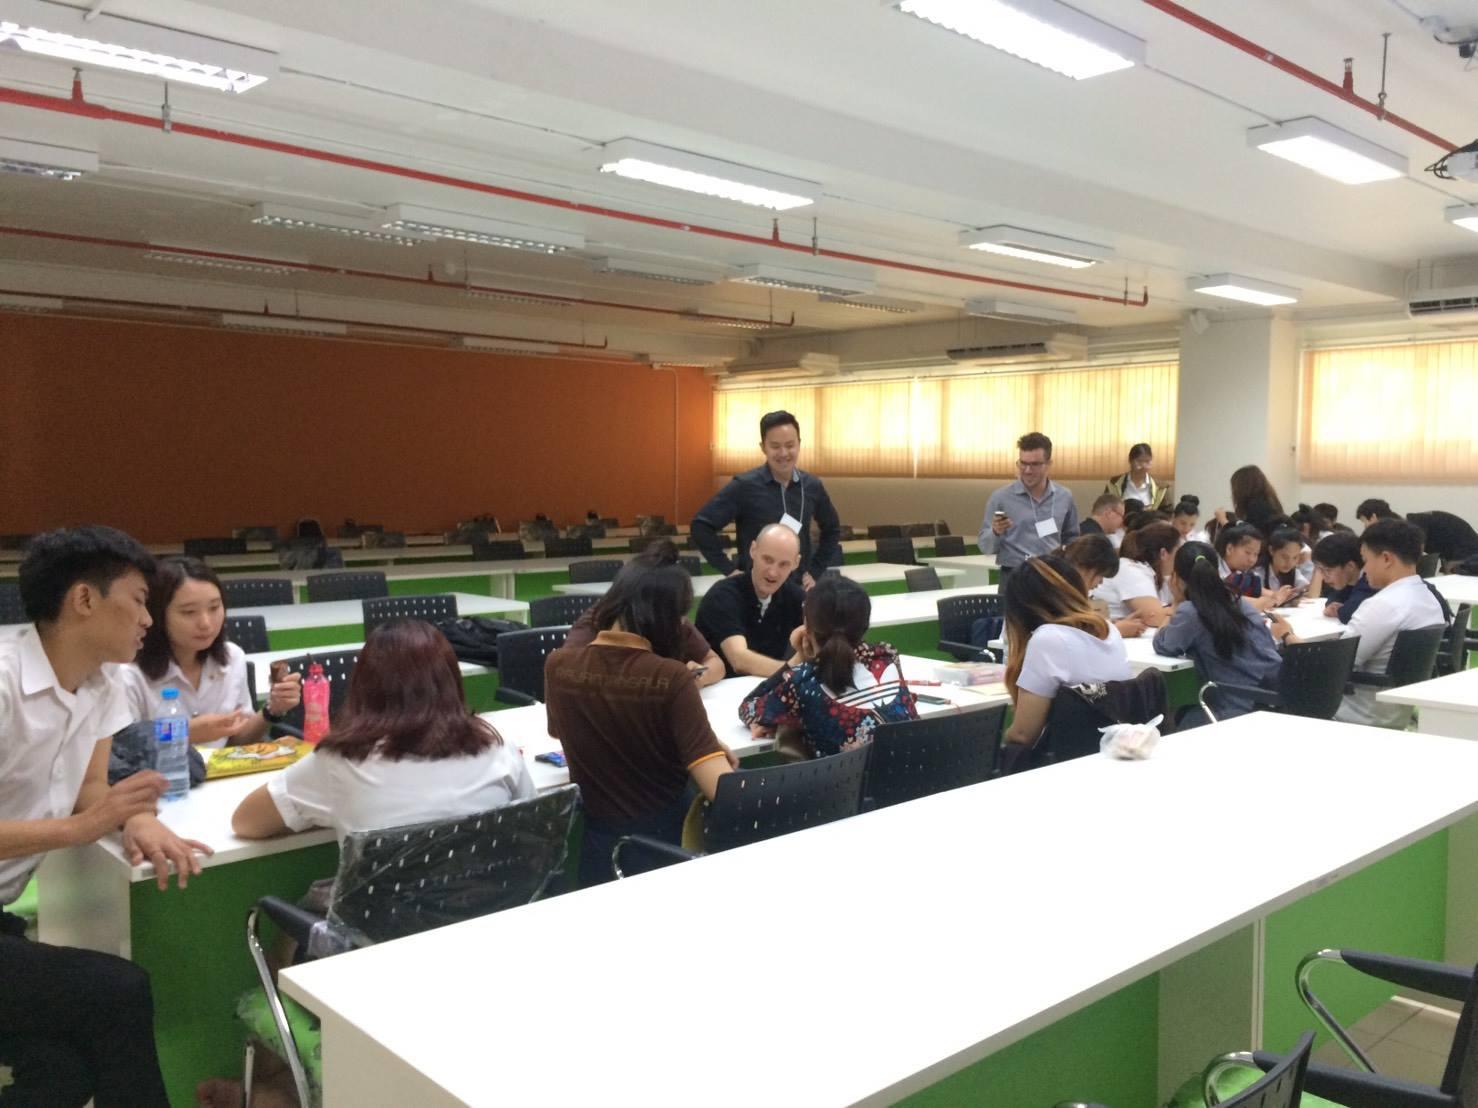 กิจกรรมอบรมภาษาอังกฤษผ่านกระบวนการคิดเชิงออกแบบ (Design Thinking)